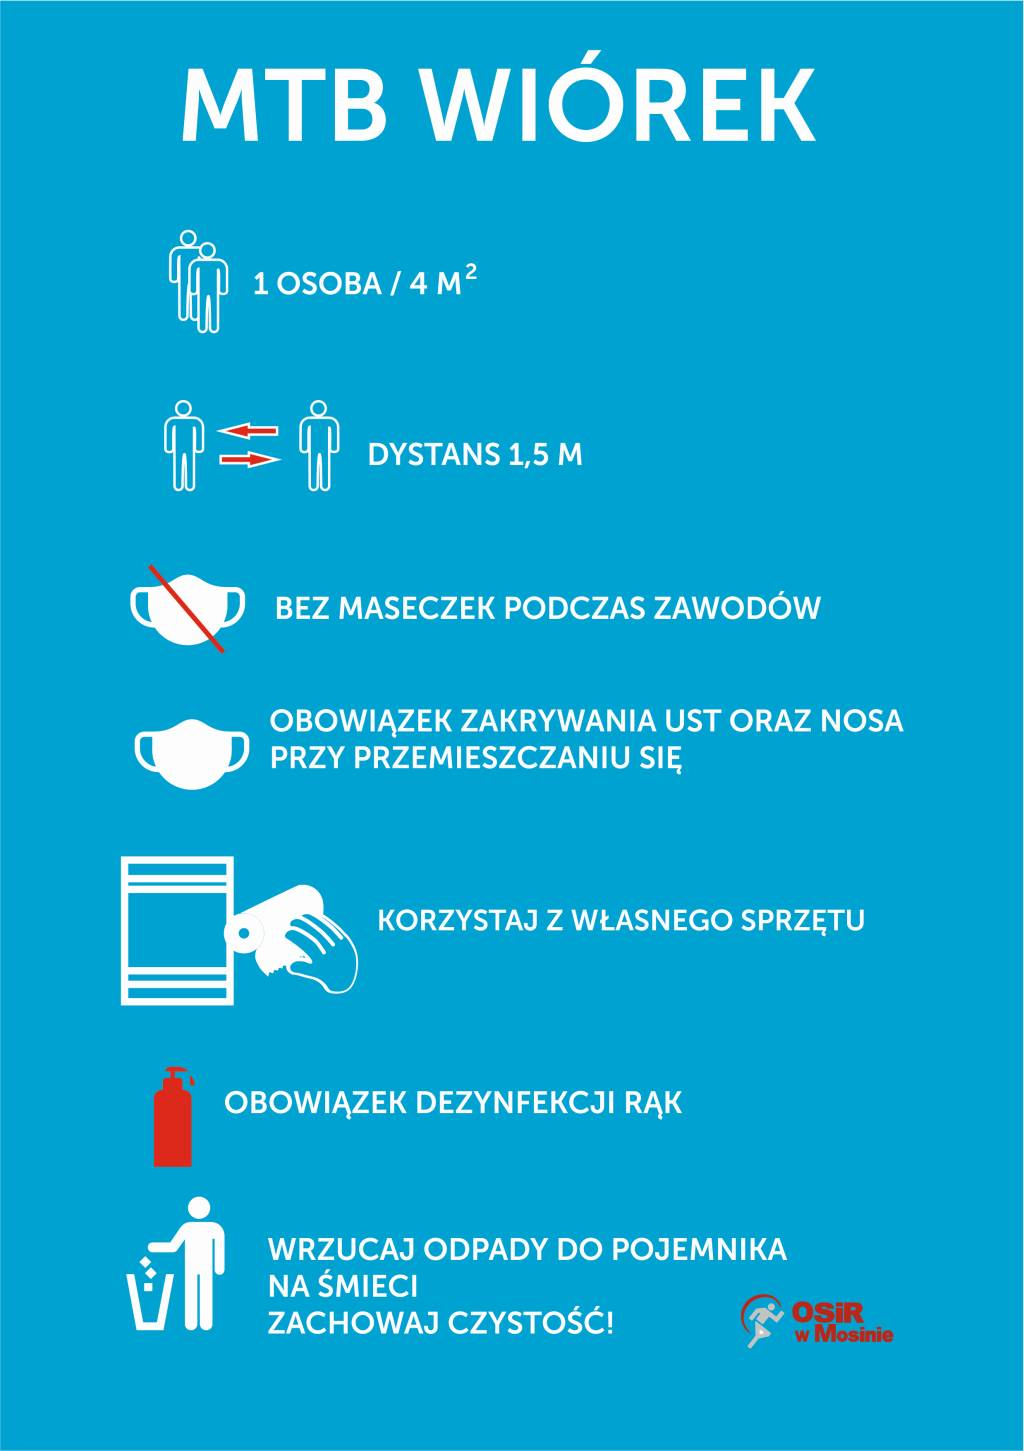 Zasady bezpieczeństwa podczas MTB Wiórek